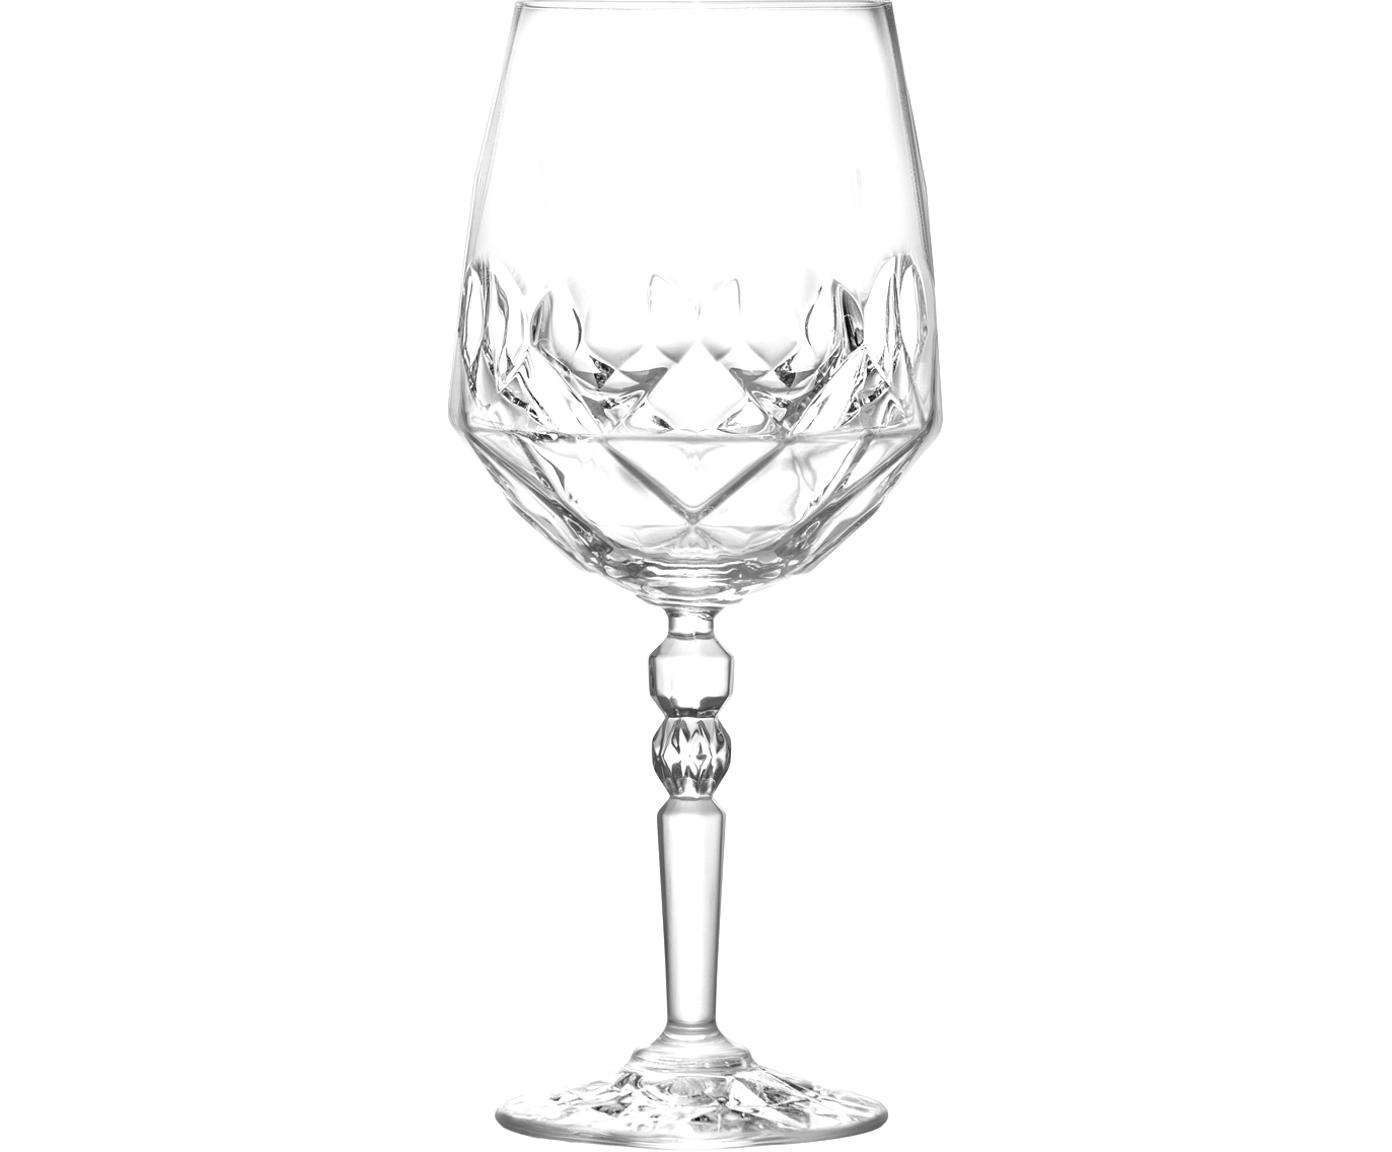 Kristall-Weißweingläser Calicia mit Relief, 6er-Set, Luxion-Kristallglas, Transparent, Ø 10 x H 24 cm